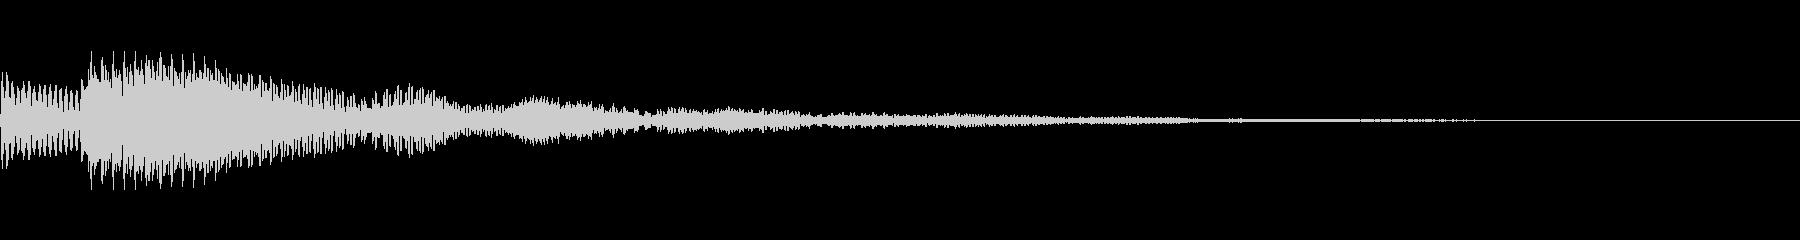 オリエンタルで涼やかな通知音の未再生の波形